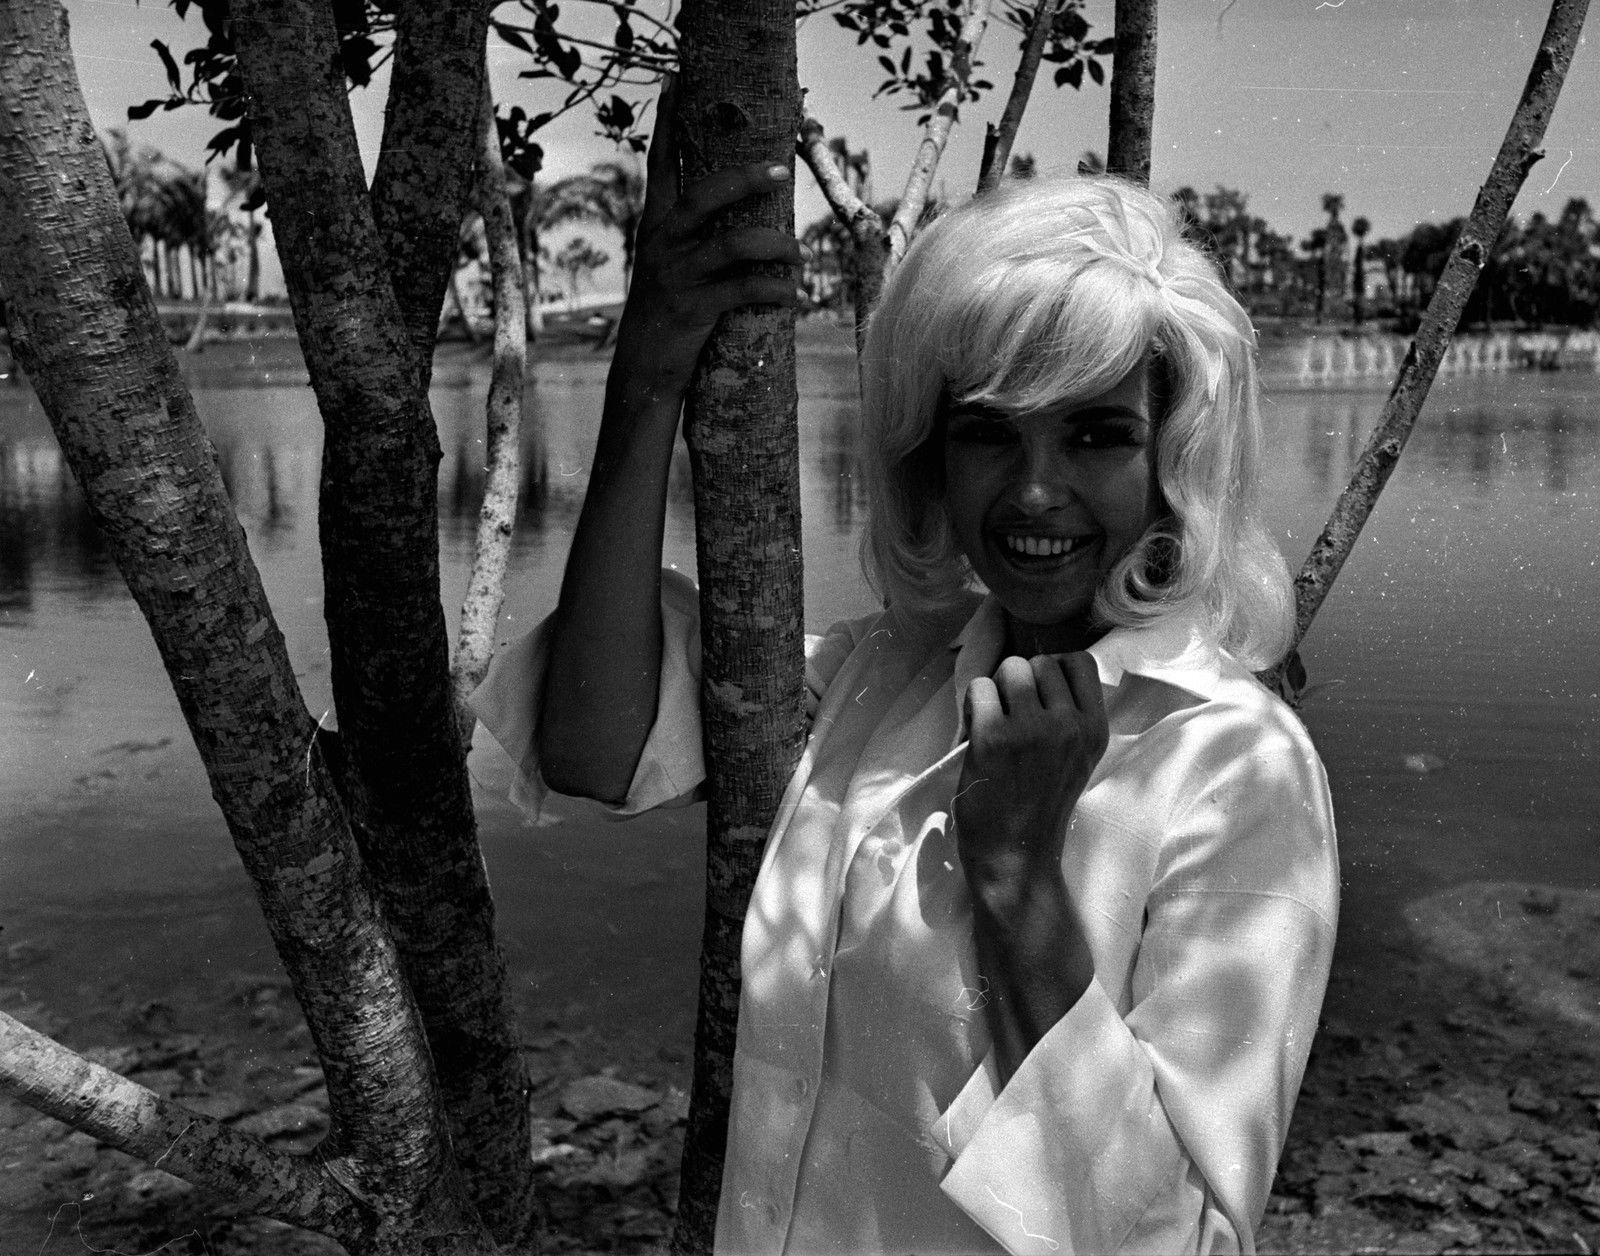 jayne-1965-06-21-tree-1